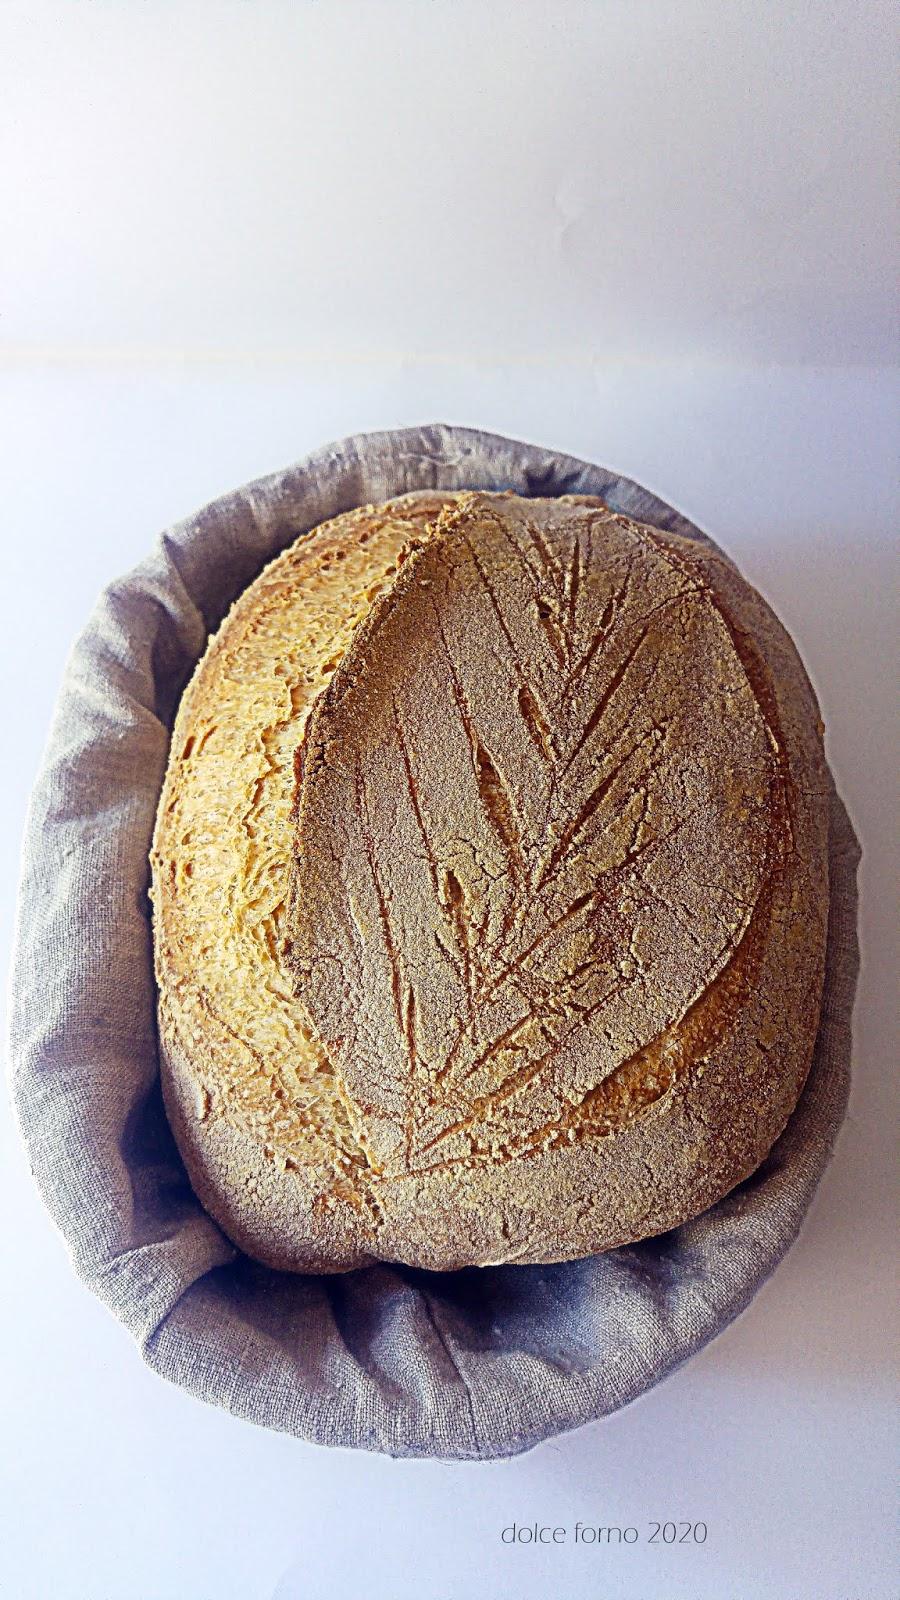 Pane in un mondo nuovo